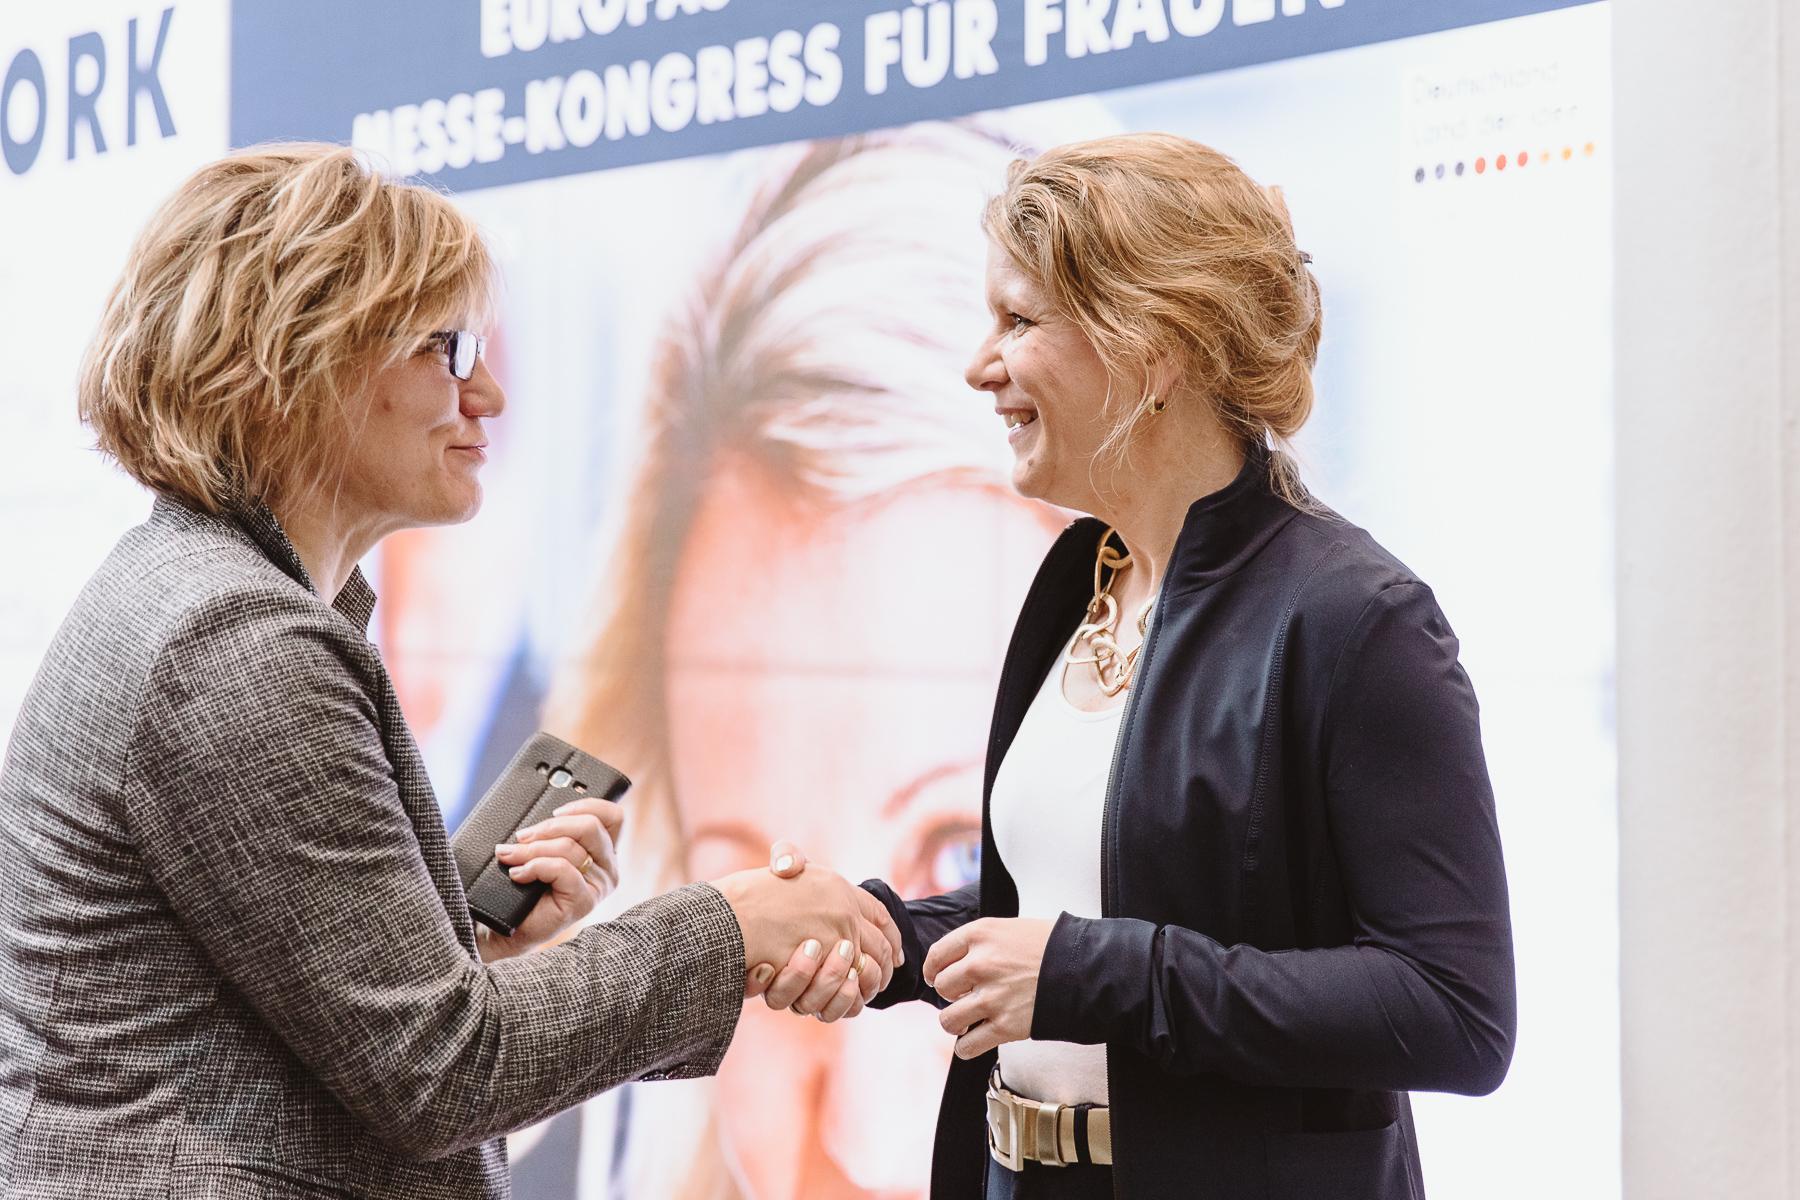 Kongressfotografie - women&work - Melanie Vogel schüttelt Hand einer Buchleserin